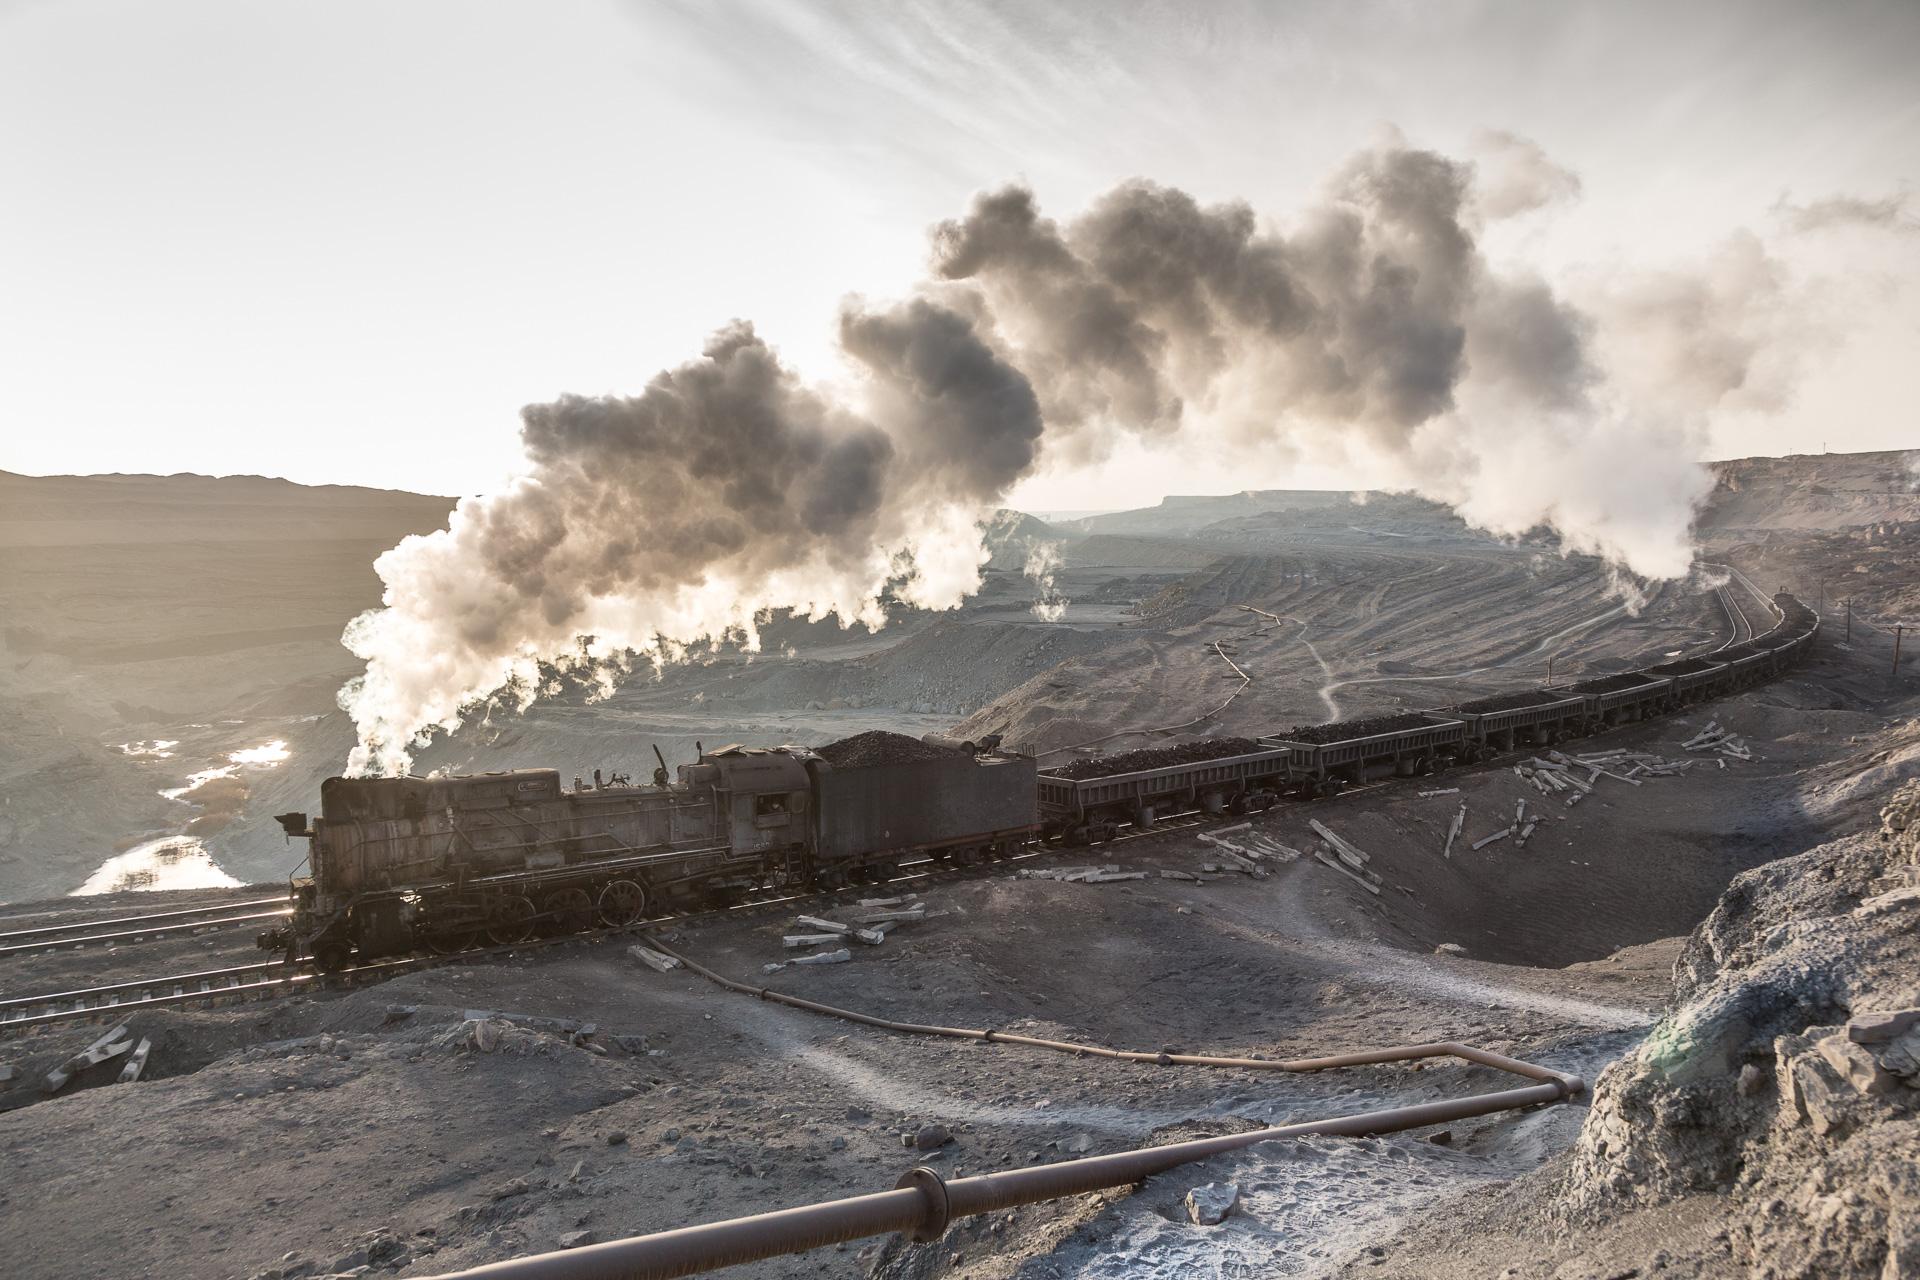 Eine ausgekohlte Grube im Tagebau von Sandaoling, die JS bringt ihren Zug zur Kohlenwäsche.